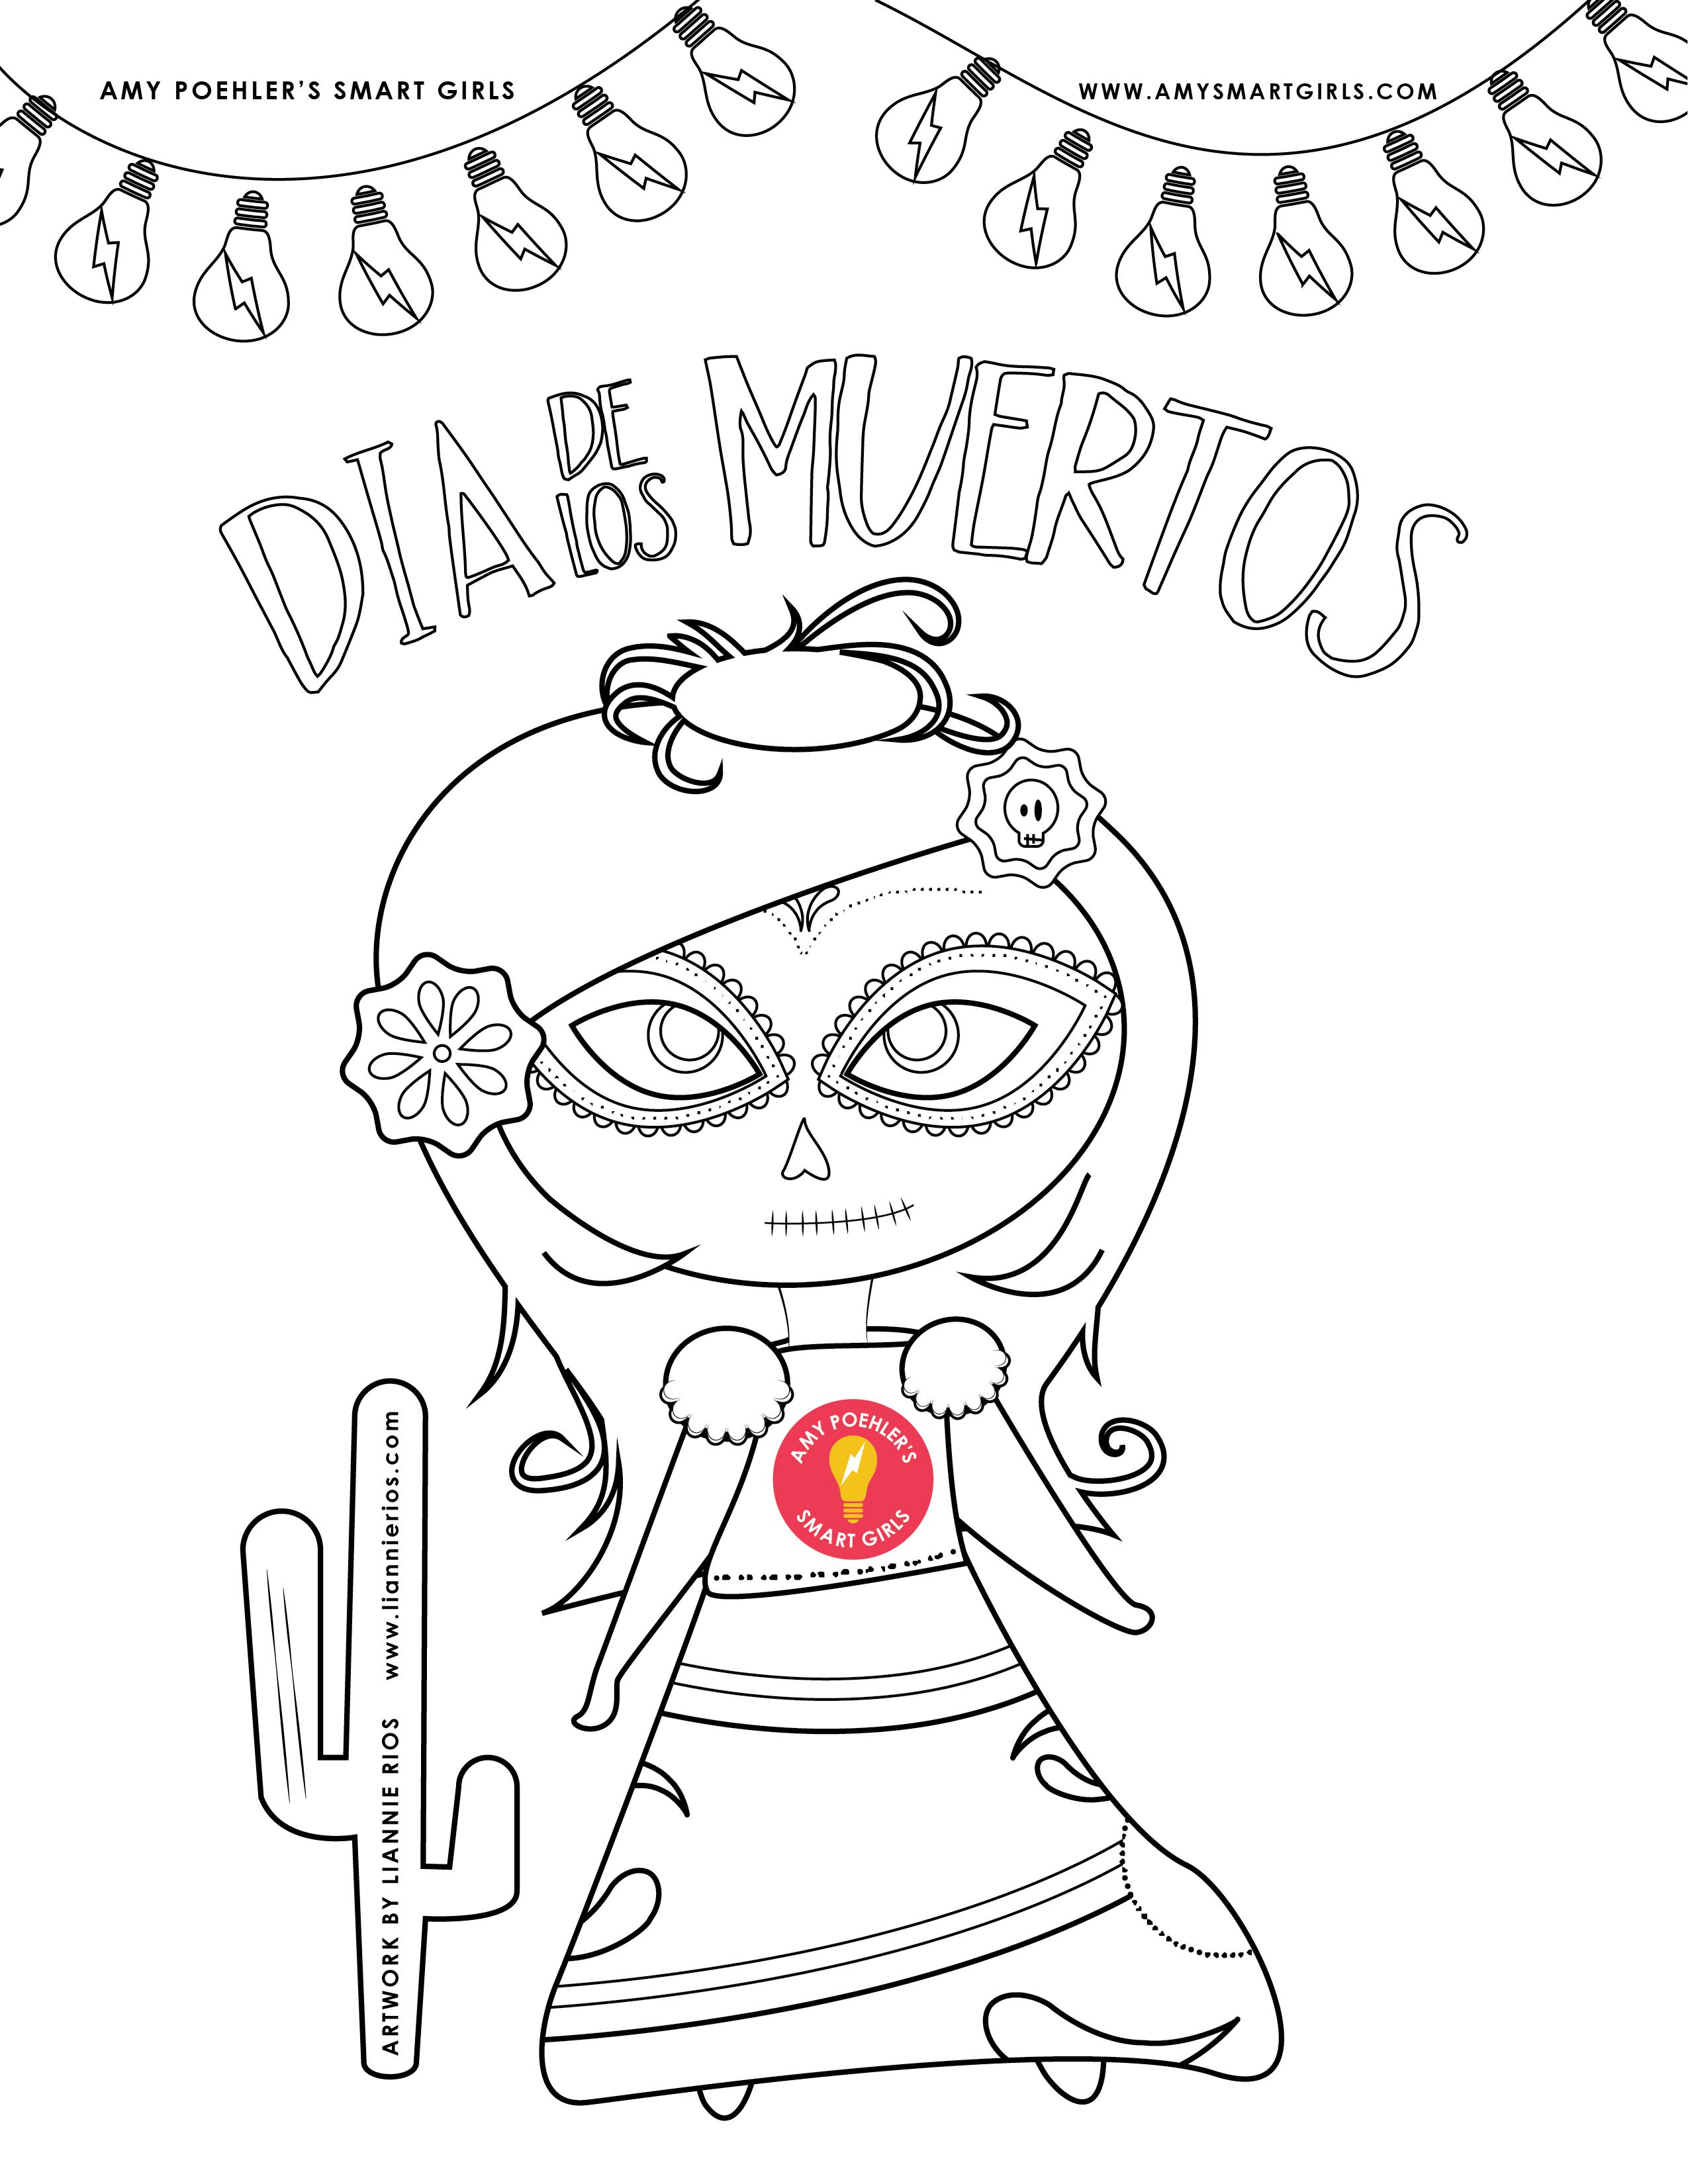 Dia-De-Los-Muertos-2014-Smart-Girls-Liannie-Rios-103114 | Honey-Do ...